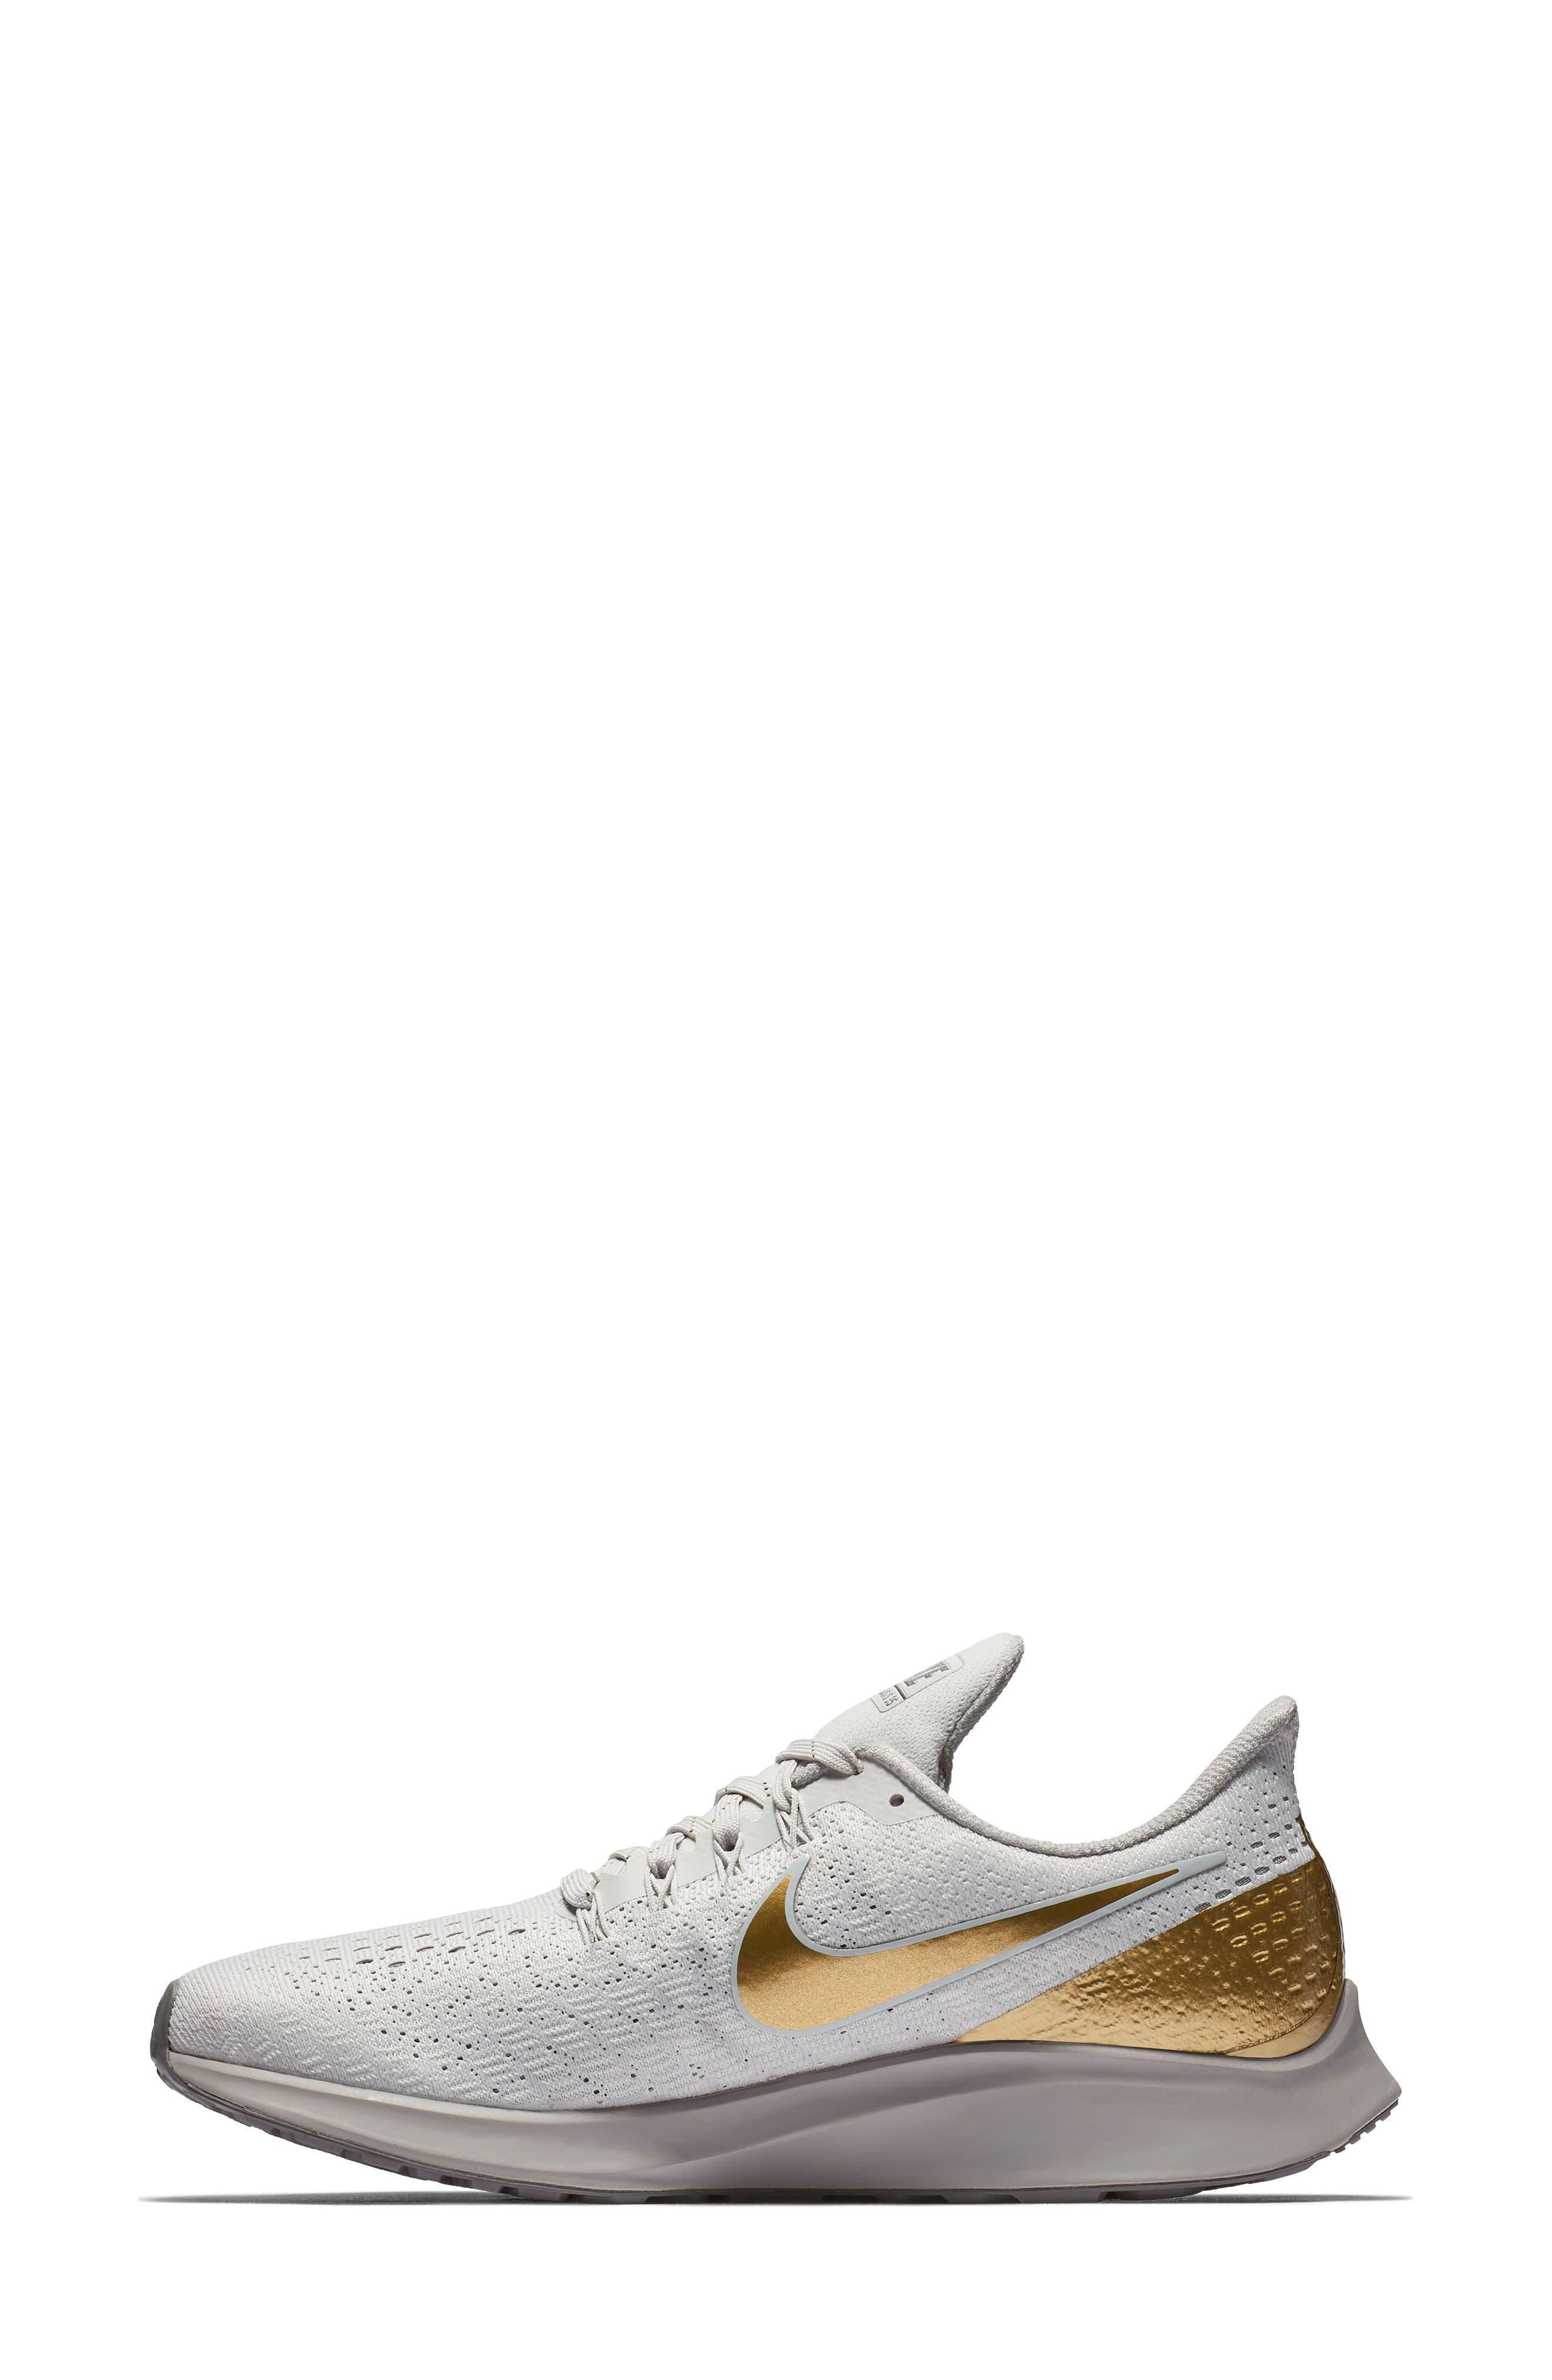 Air Zoom Pegasus 35 Premium Running Shoe,                             Alternate thumbnail 7, color,                             022